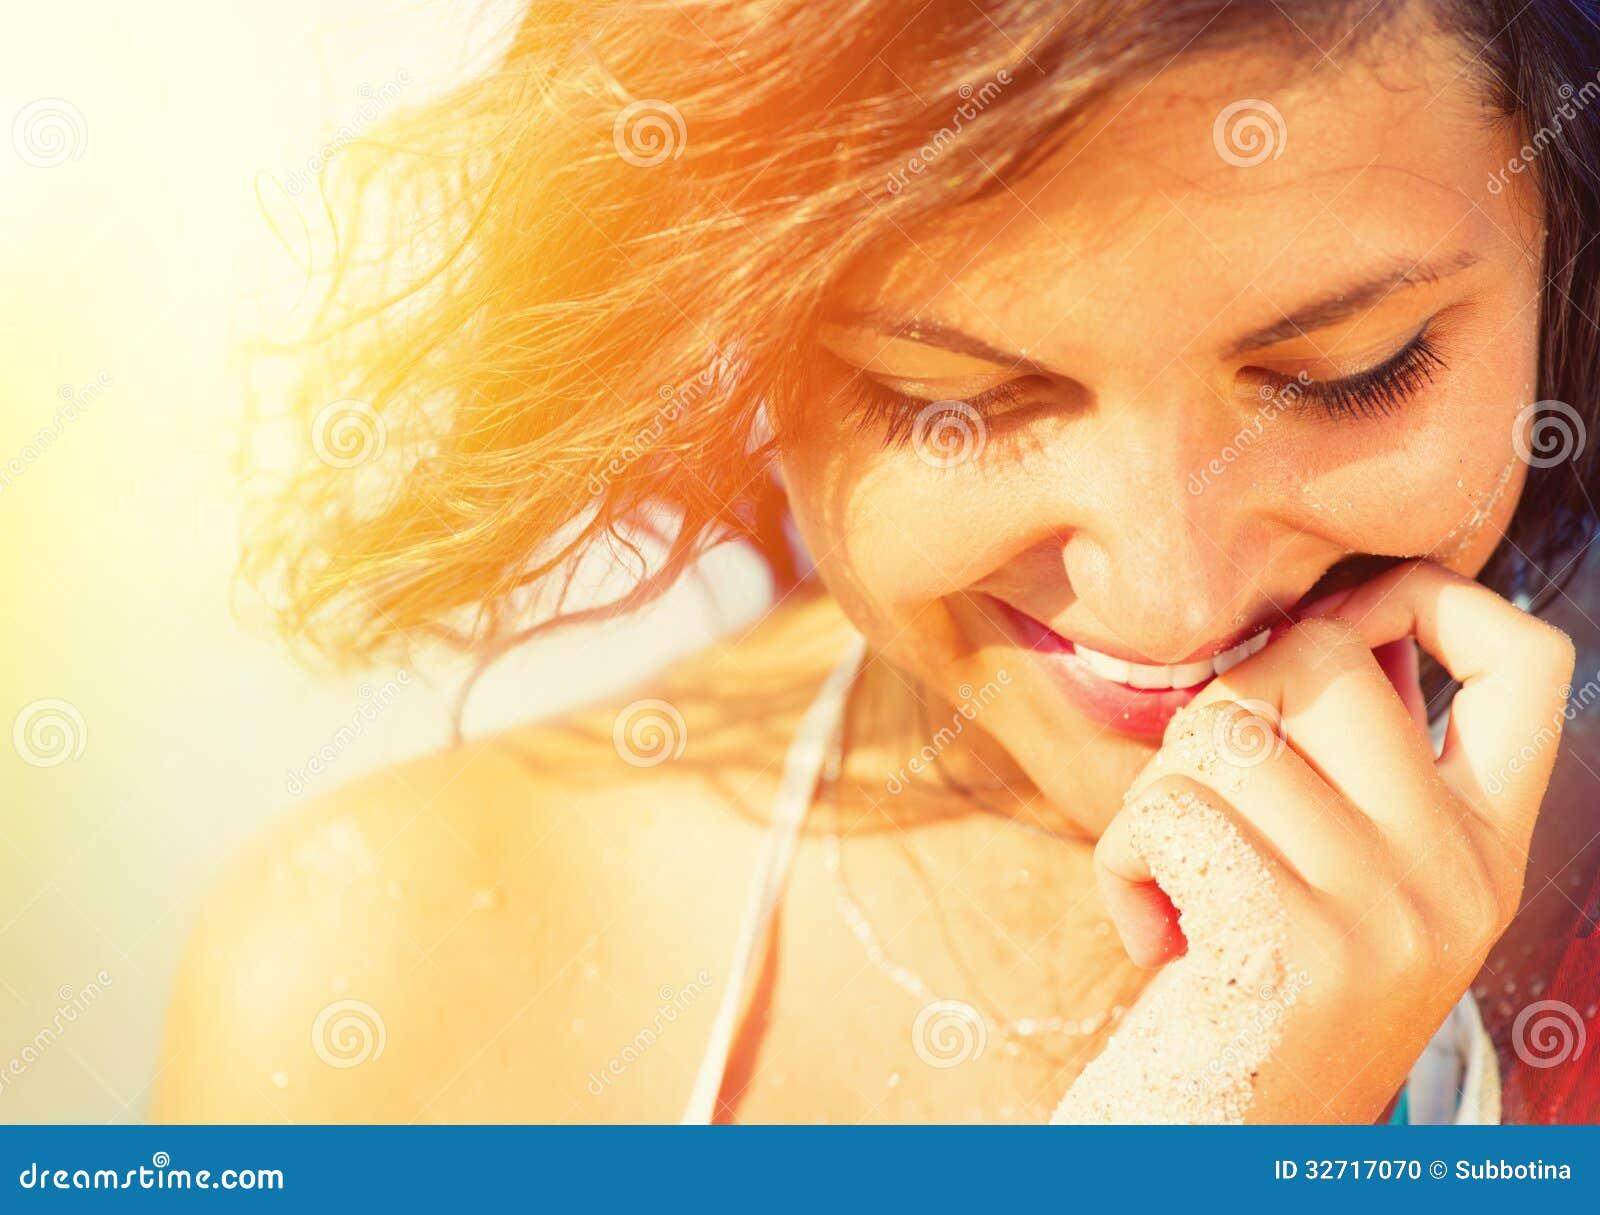 Sonnenschein-sexy Mädchen-Porträt